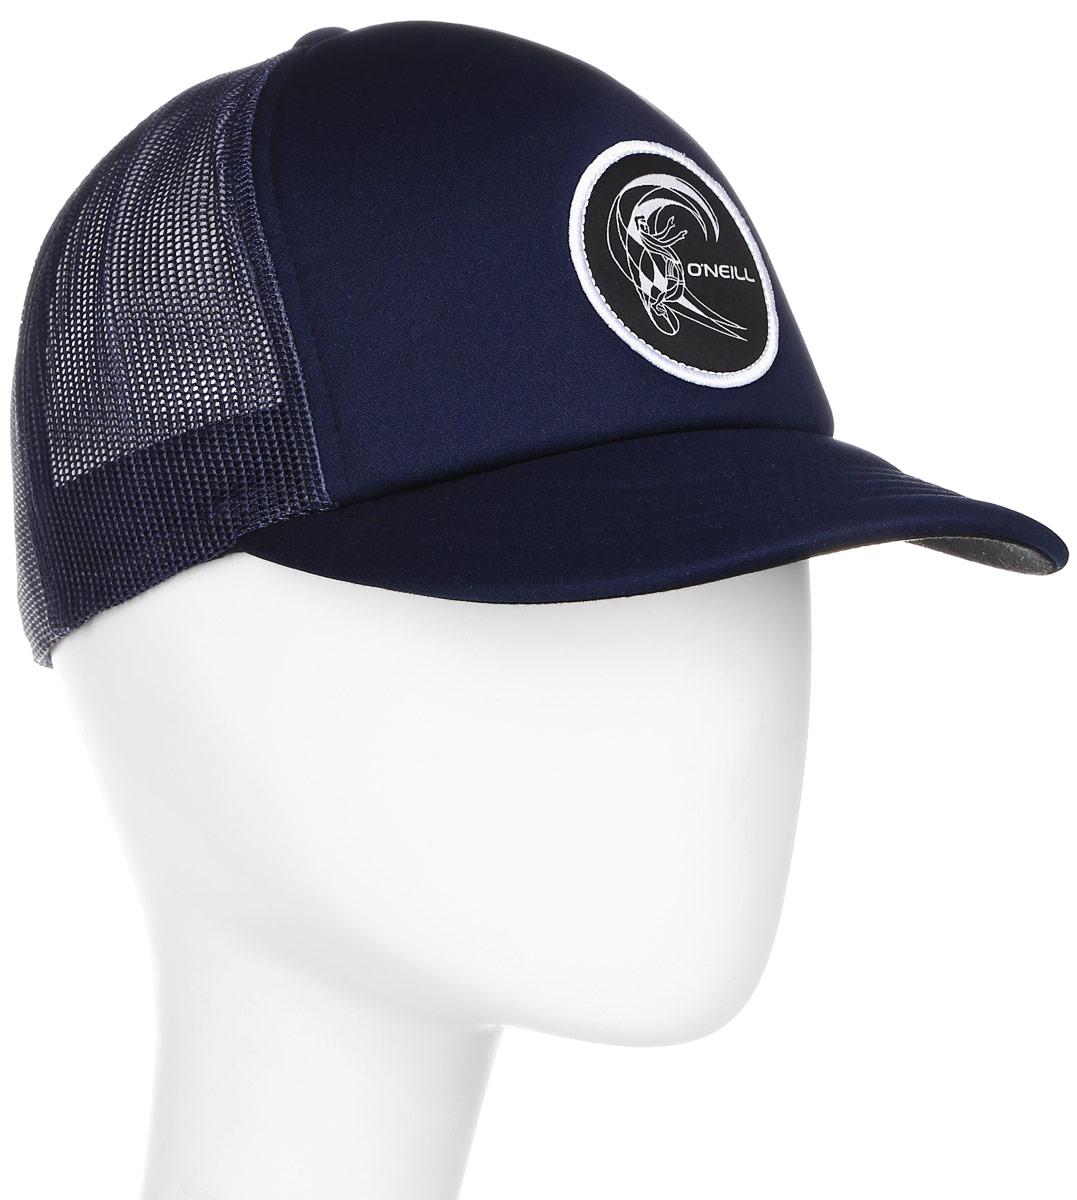 Бейсболка мужская ONeill Bm Trucker Cap, цвет: темно-синий, черный. 7A4110-5056. Размер универсальный7A4110-5056Бейсболка ONeill, выполненная из 100% полиэстера, станет незаменимым аксессуаром в летний сезон. Модель защитит голову от перегрева, а глаза от яркого света. Бейсболка имеет 5-панельный дизайн и сетку сзади для вентиляции и прохлады в жару. Модель спереди дополнена нашивкой с названием бренда. Обхват головы регулируется с помощью пластикового ремешка сзади.